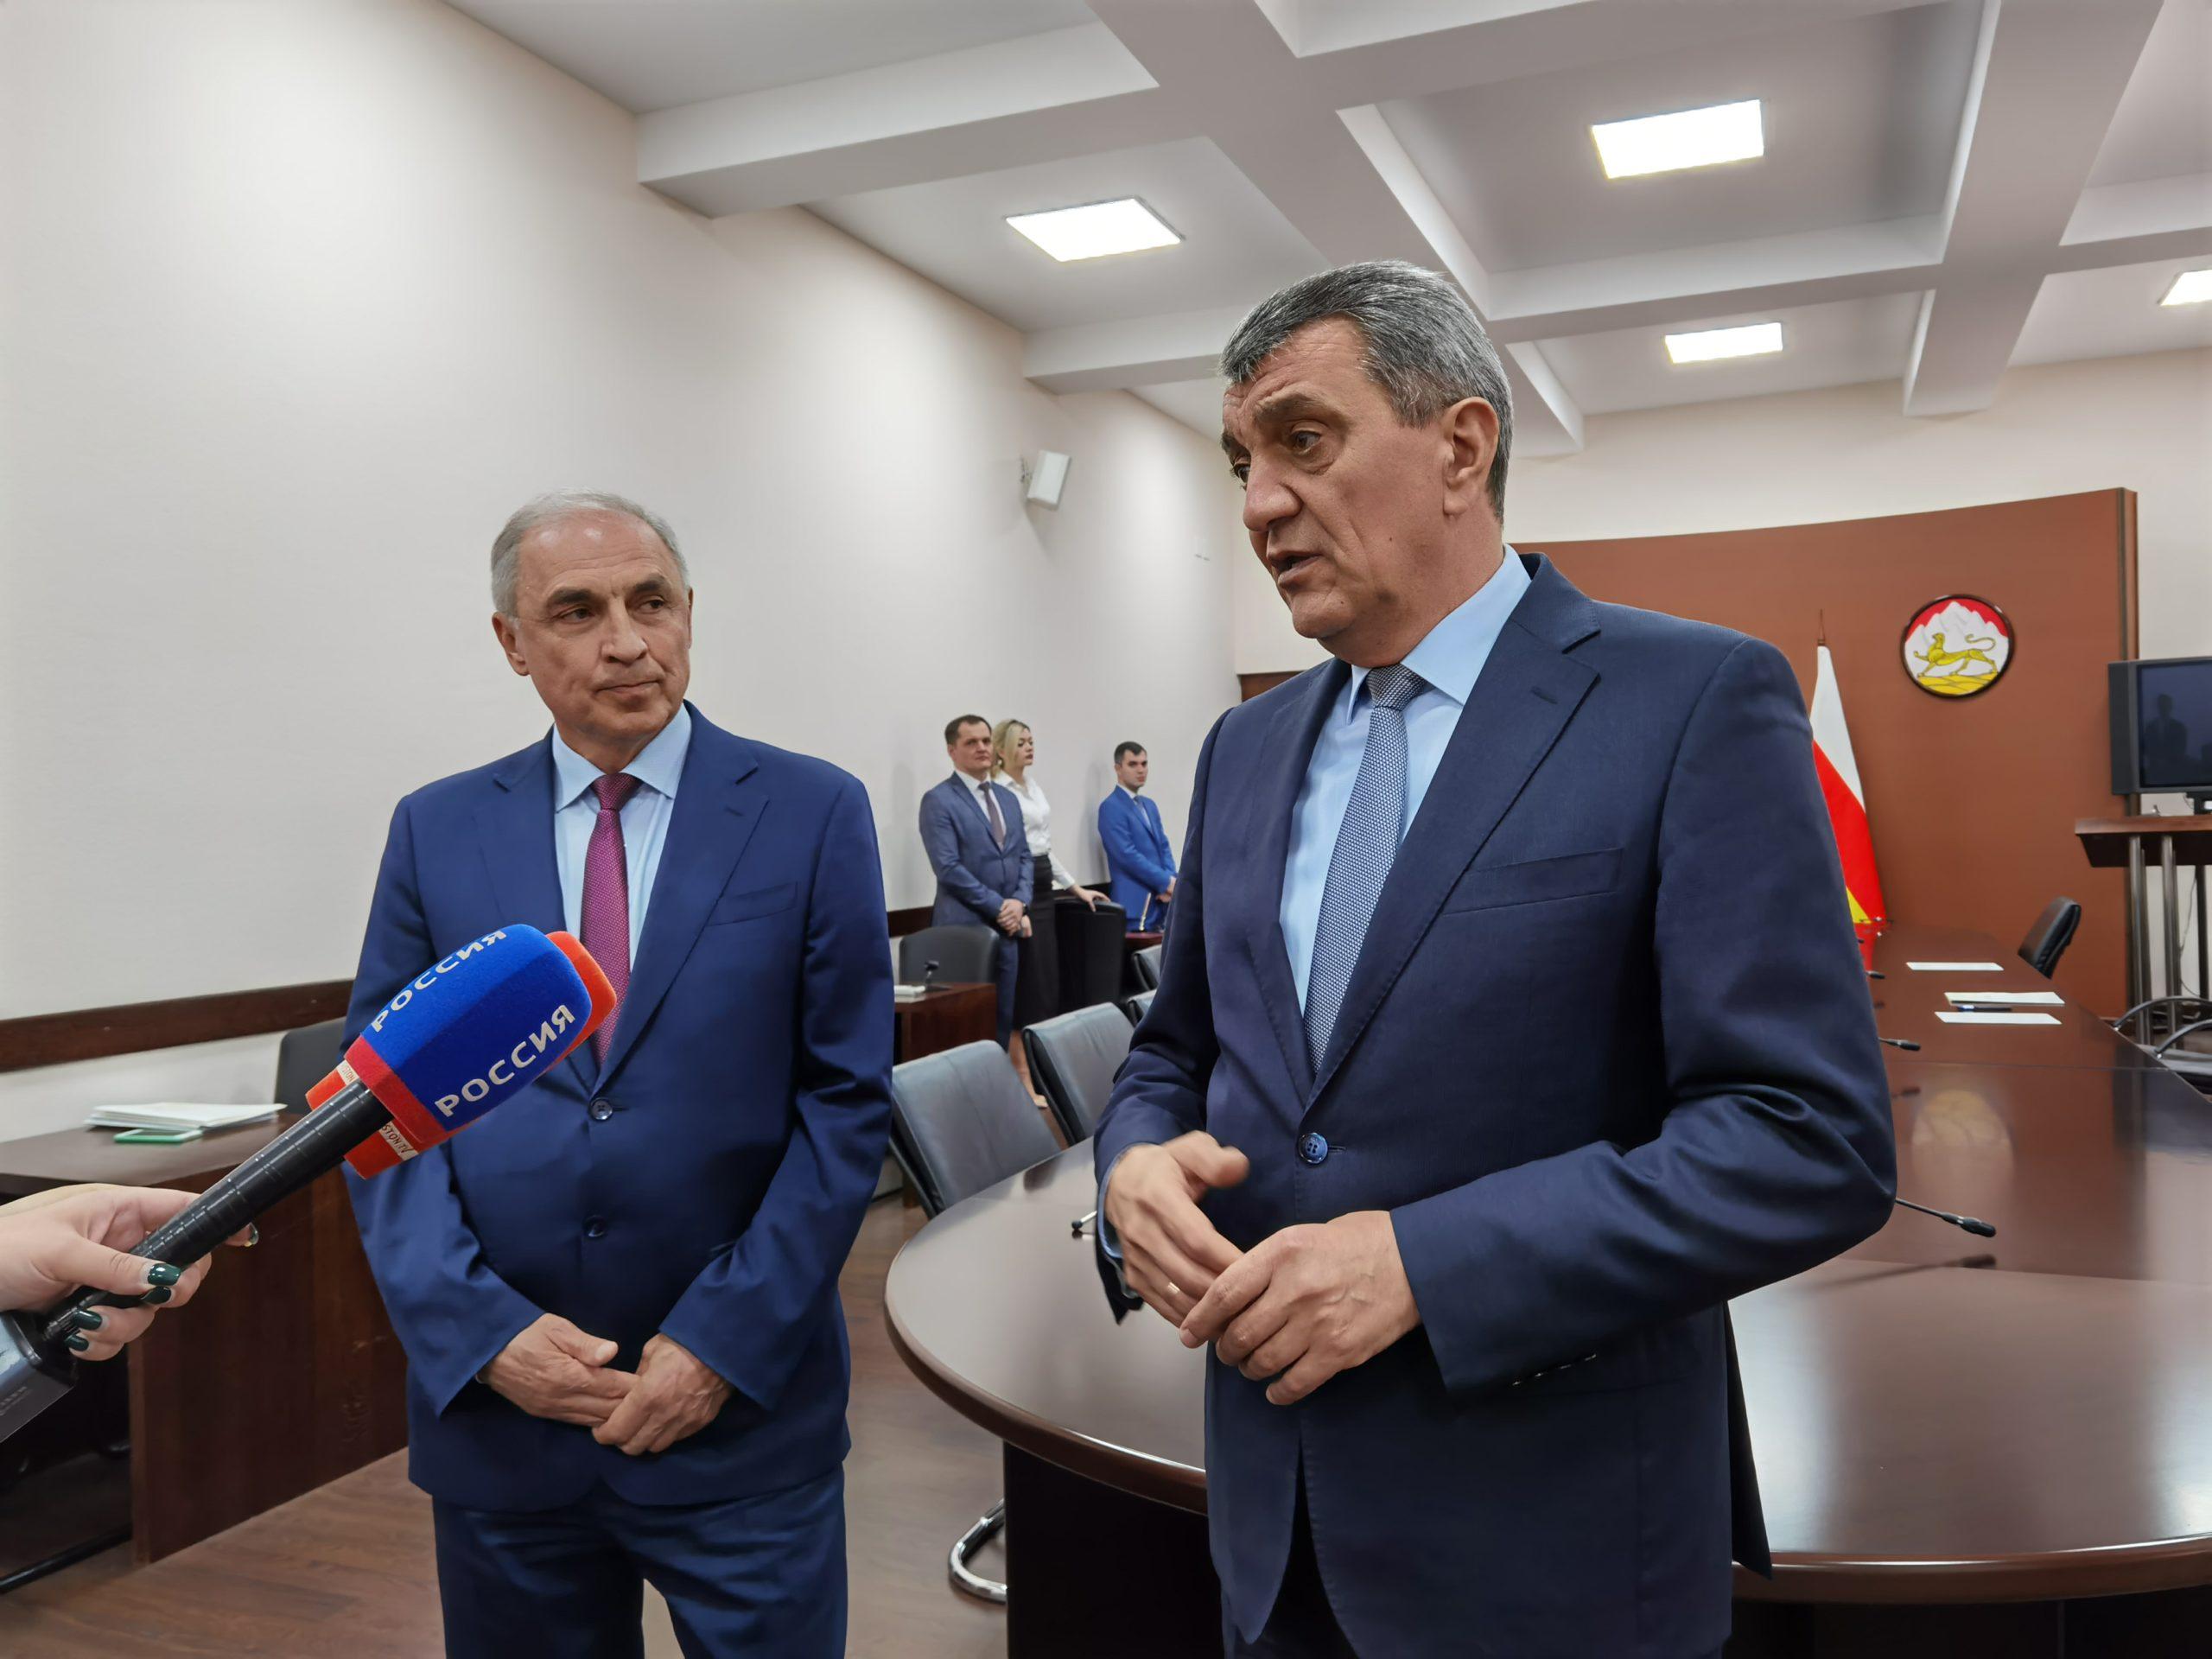 Правительство Северной Осетии и Росфинмониторинг подписали соглашение о сотрудничестве